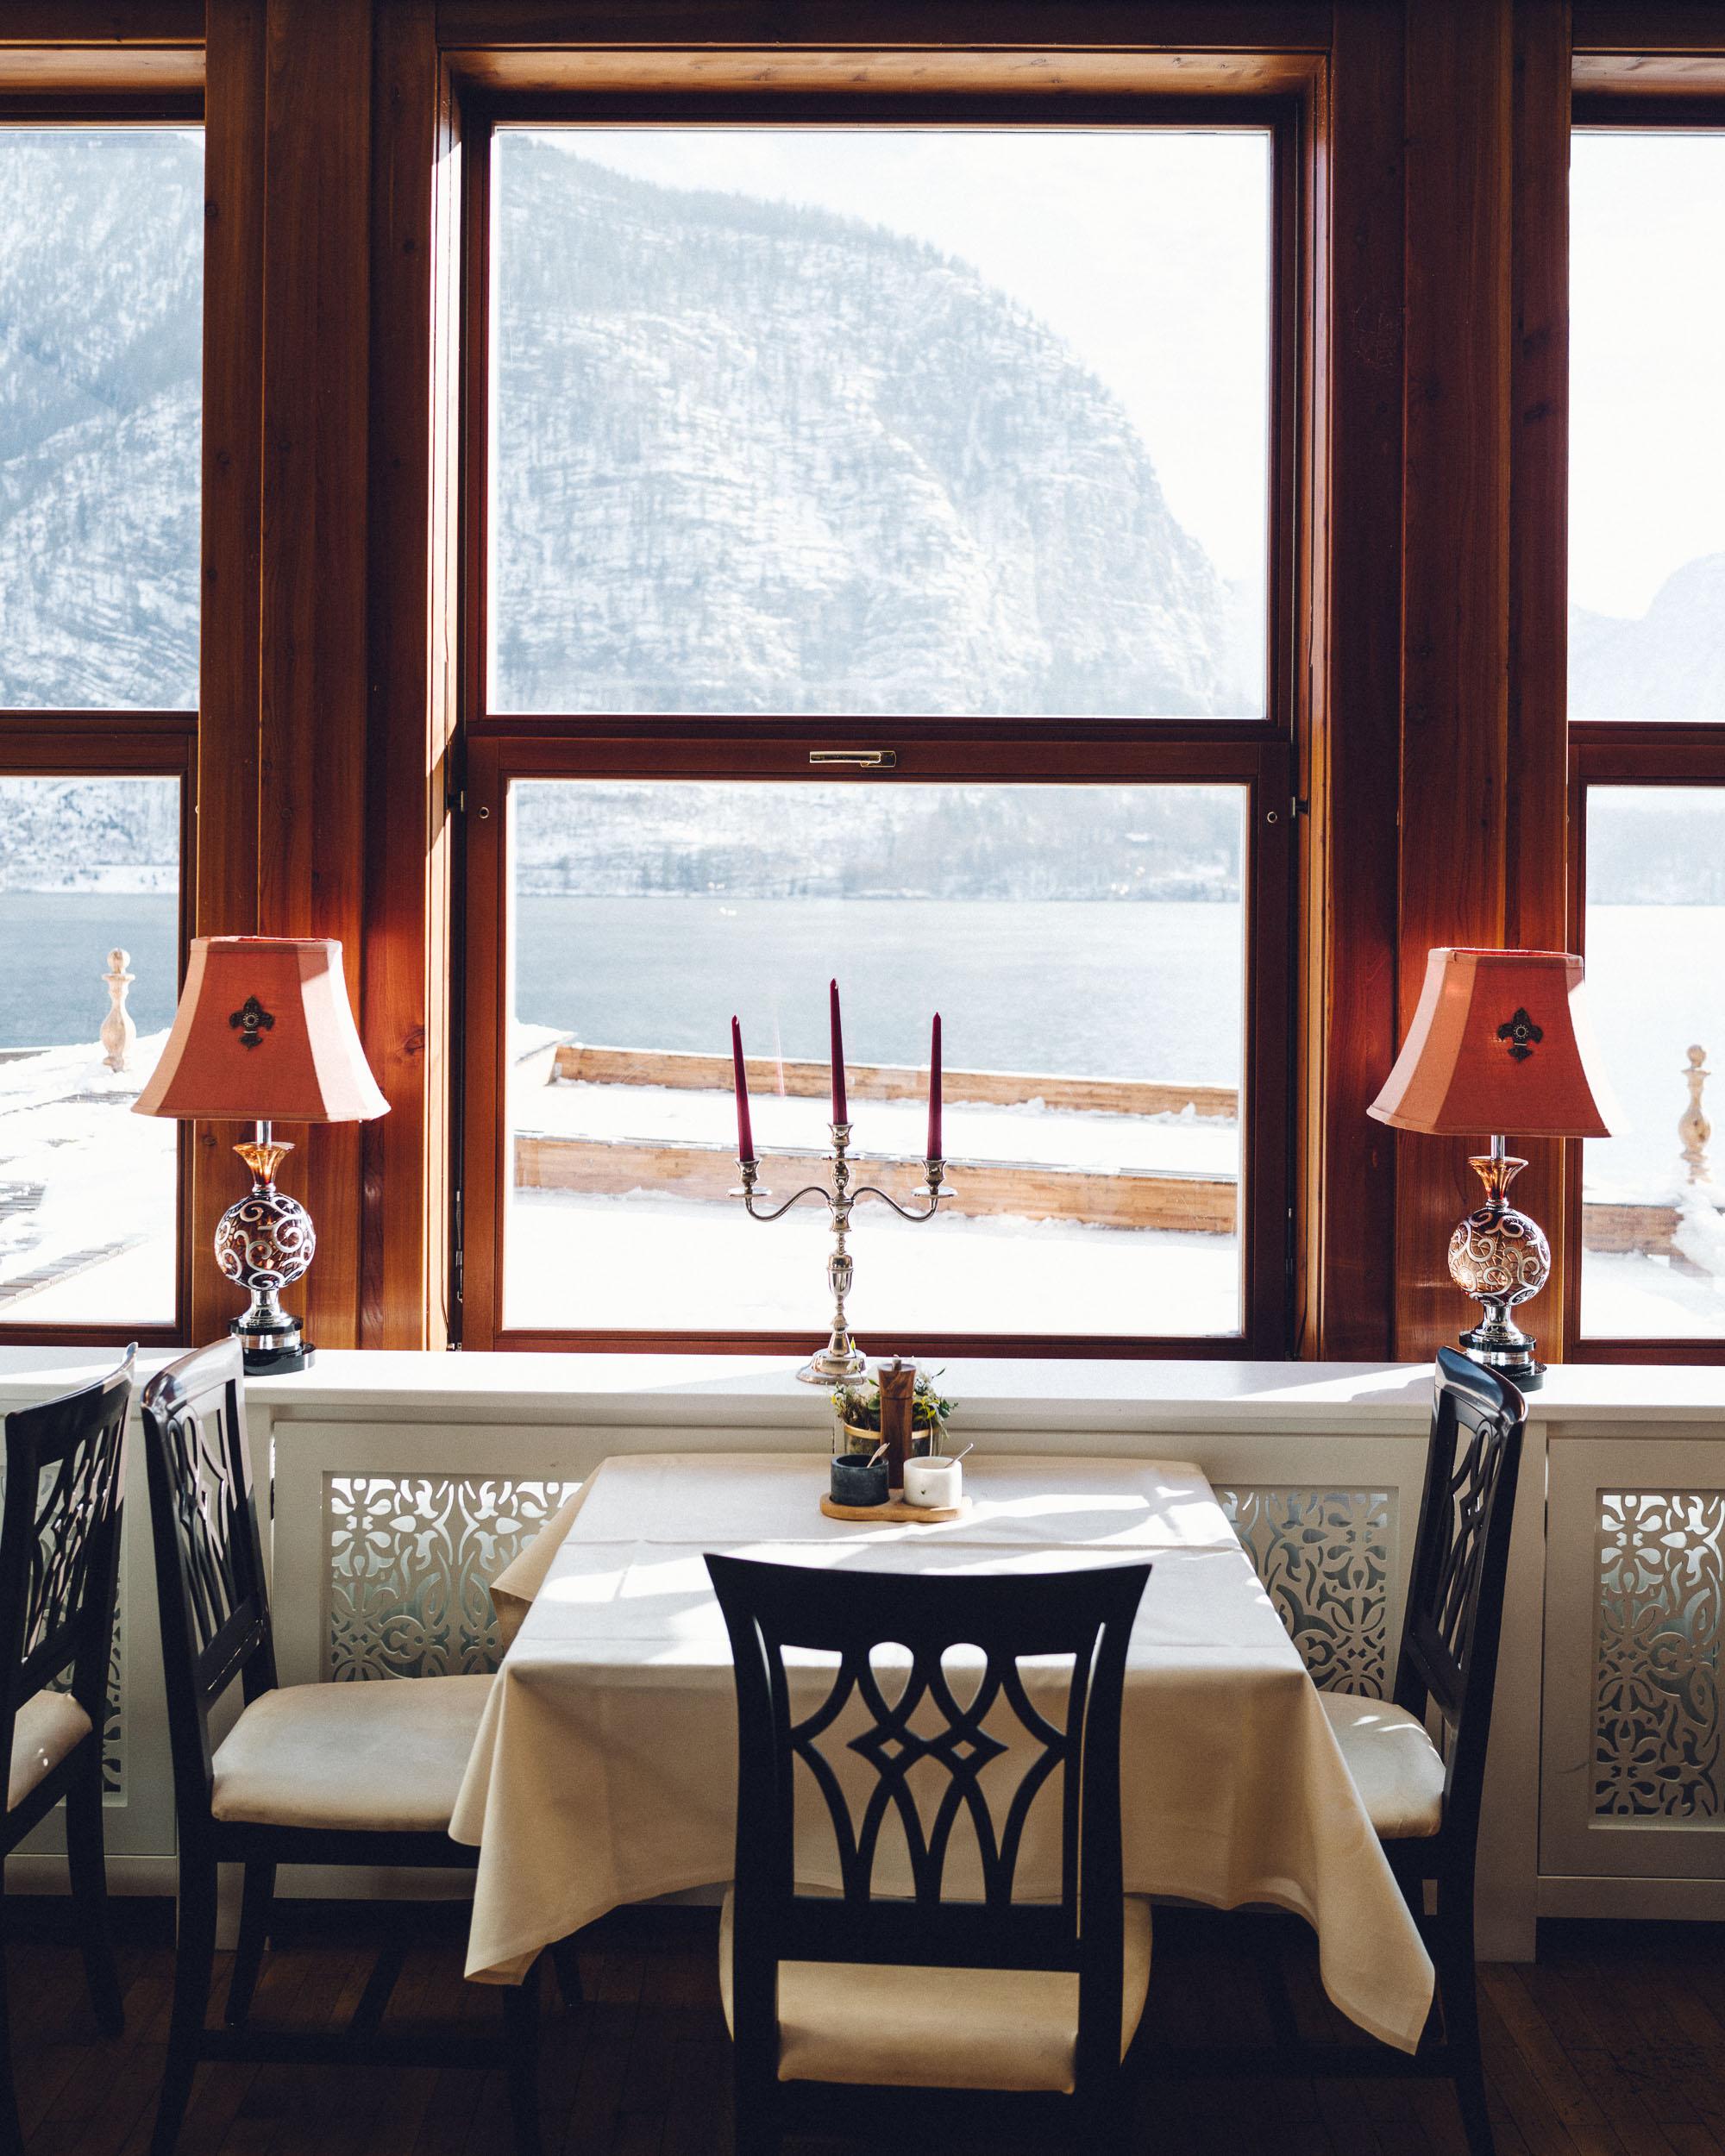 Seehotel Gruner Baum Hallstatt hotel restaurant view in Austria